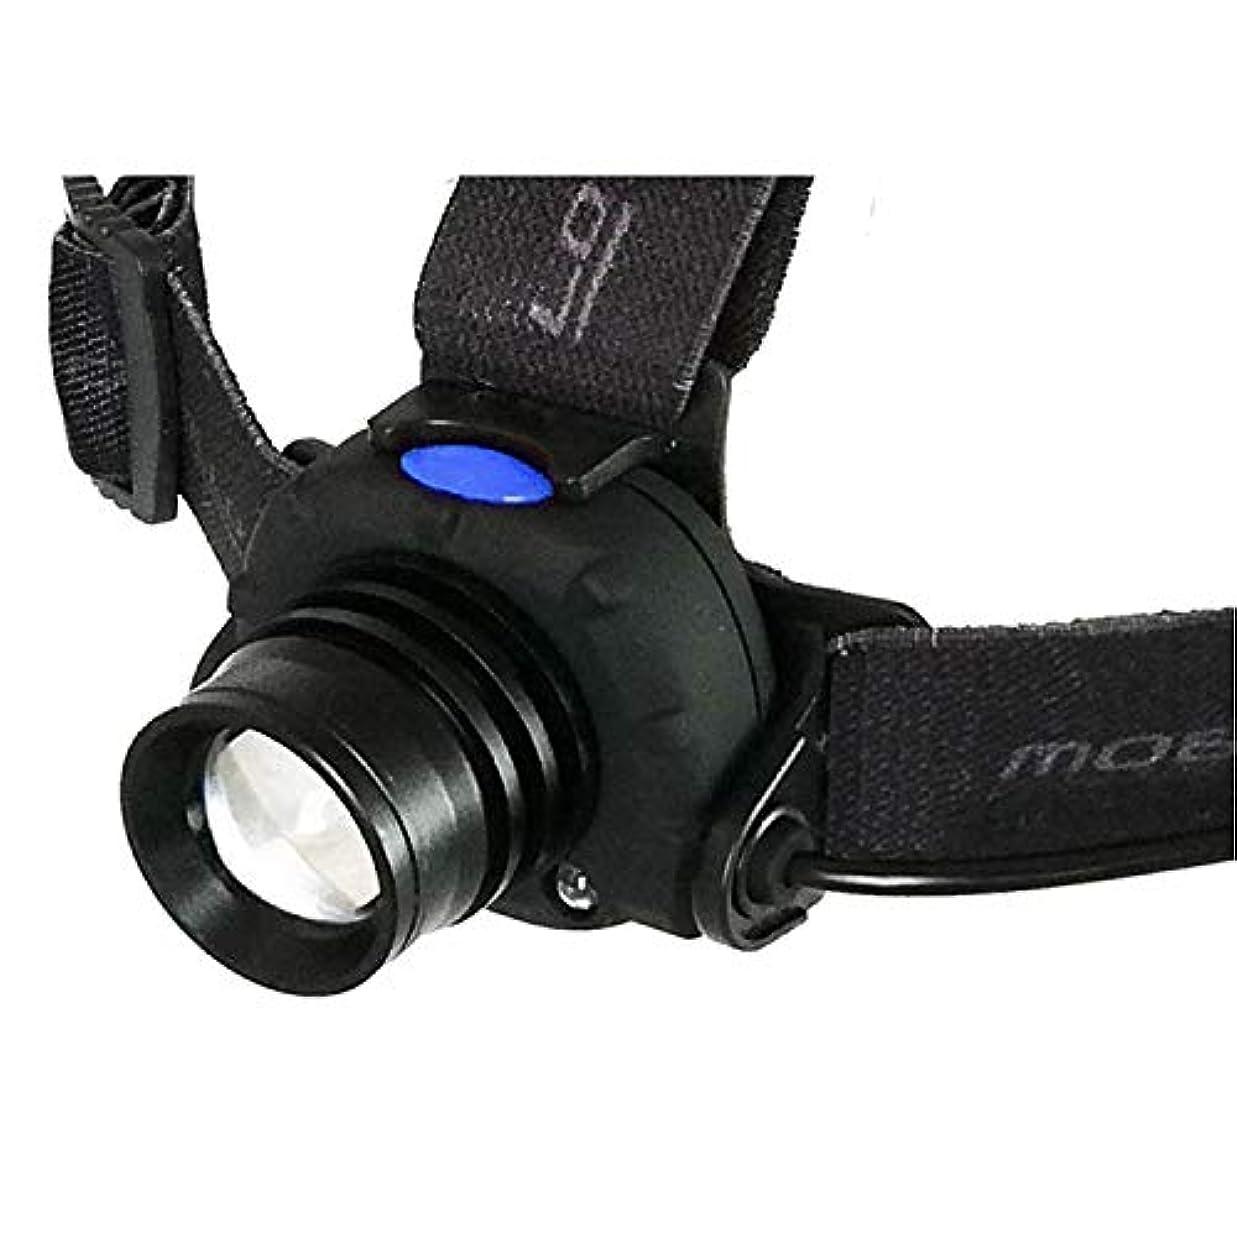 宝石困難持っているモブリロ(MOBRILLO) ヘッドライト 乾電池式 防塵防水仕様 250ルーメン モーションセンサー付属 MB-B250F